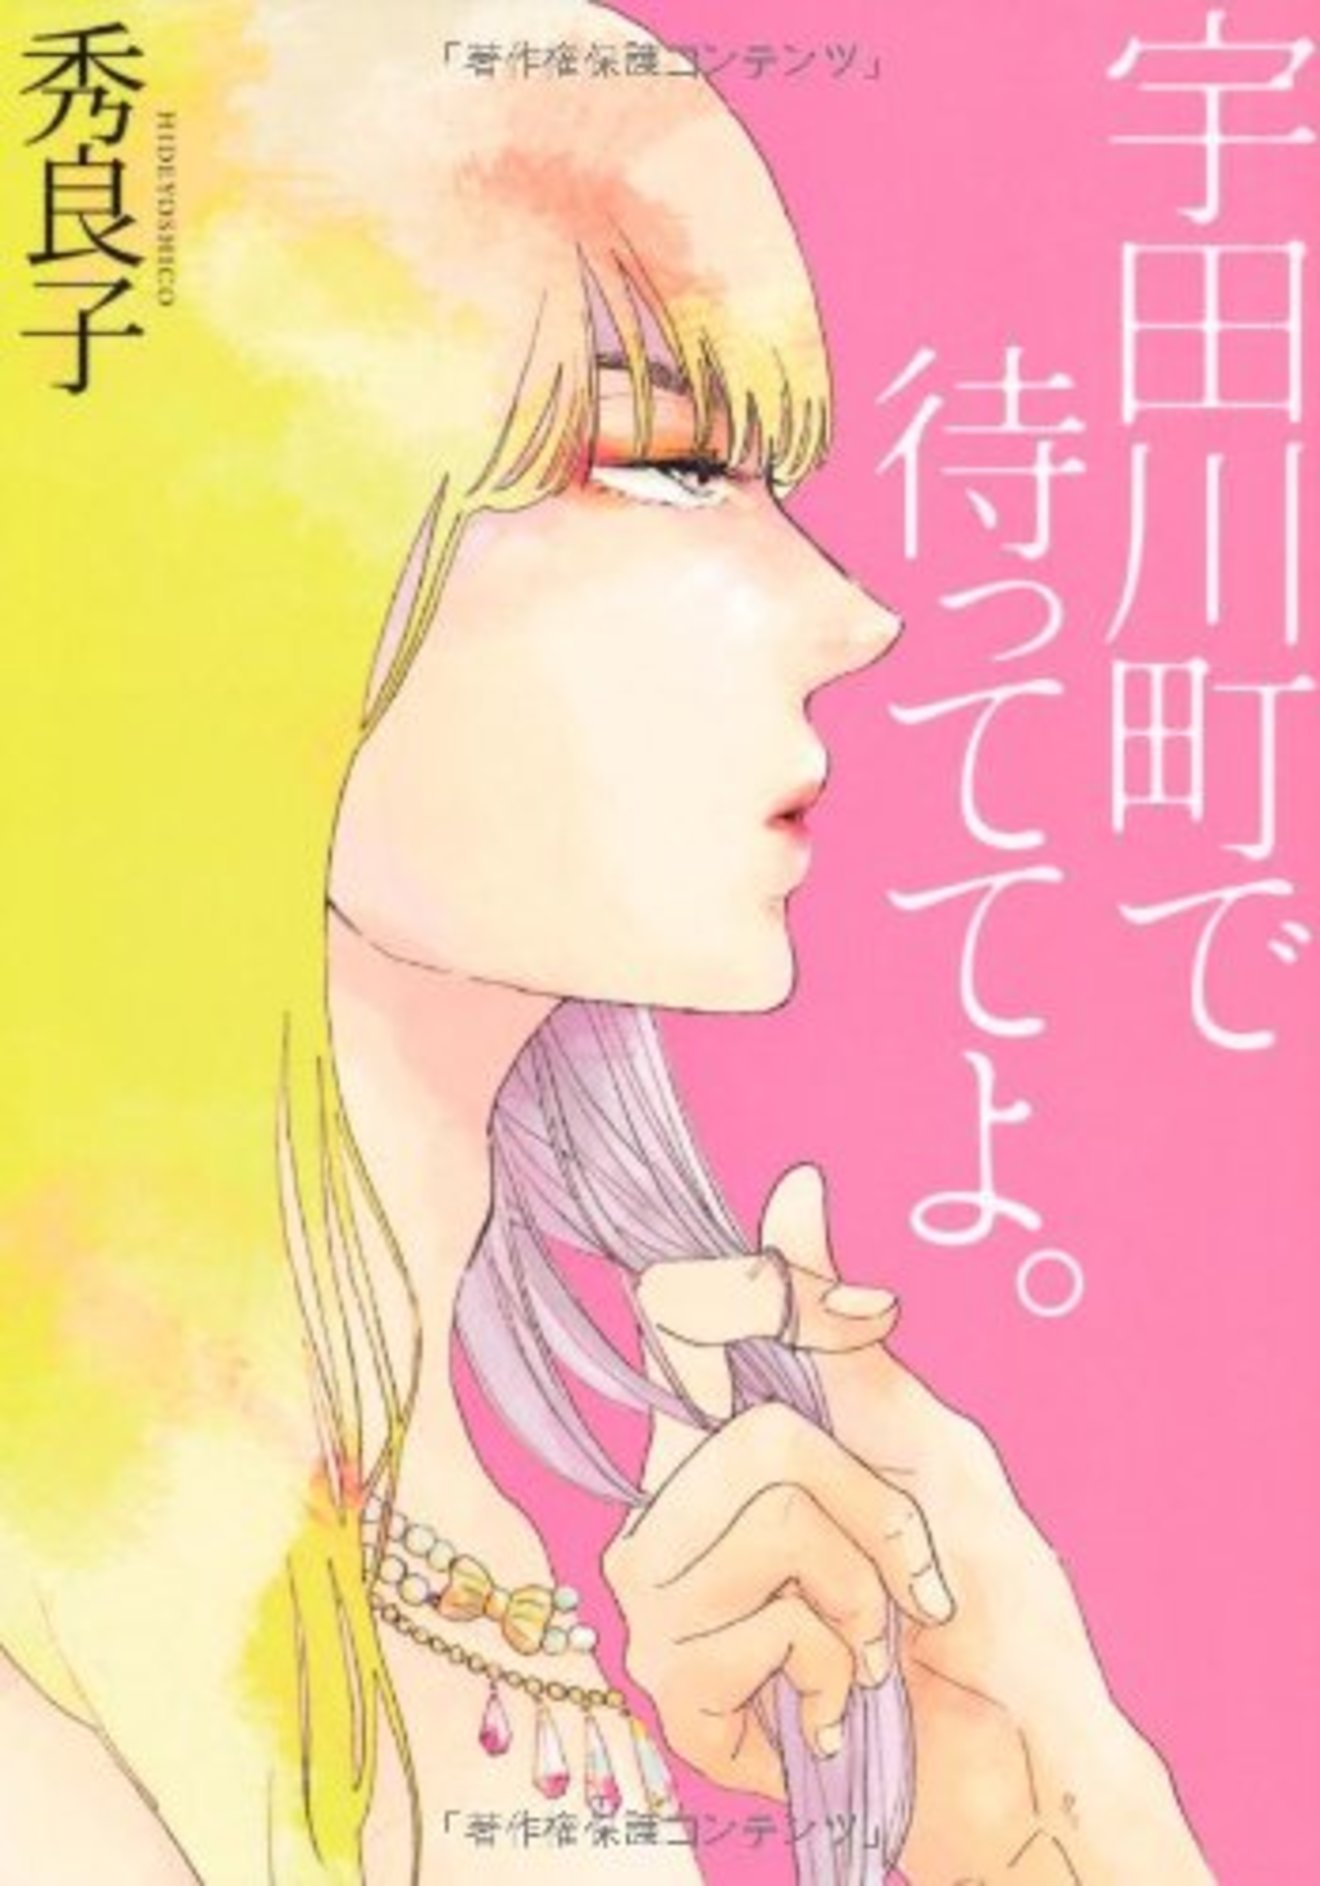 秀良子のおすすめ漫画ランキングベスト5!絶妙な空気感が良い